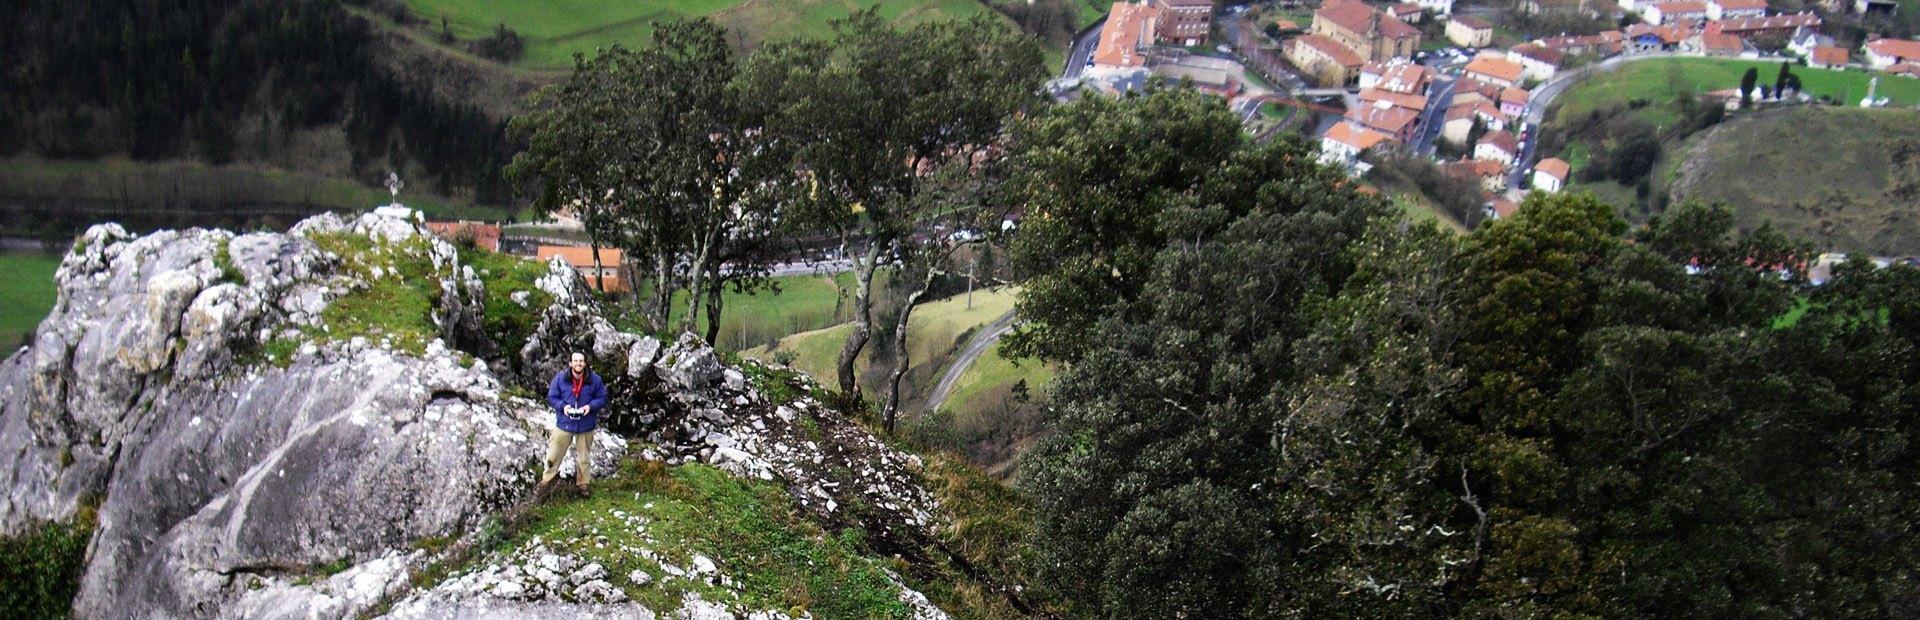 Colaboracion en el proyecto de investigacion del Castillo de Jentilbaratza